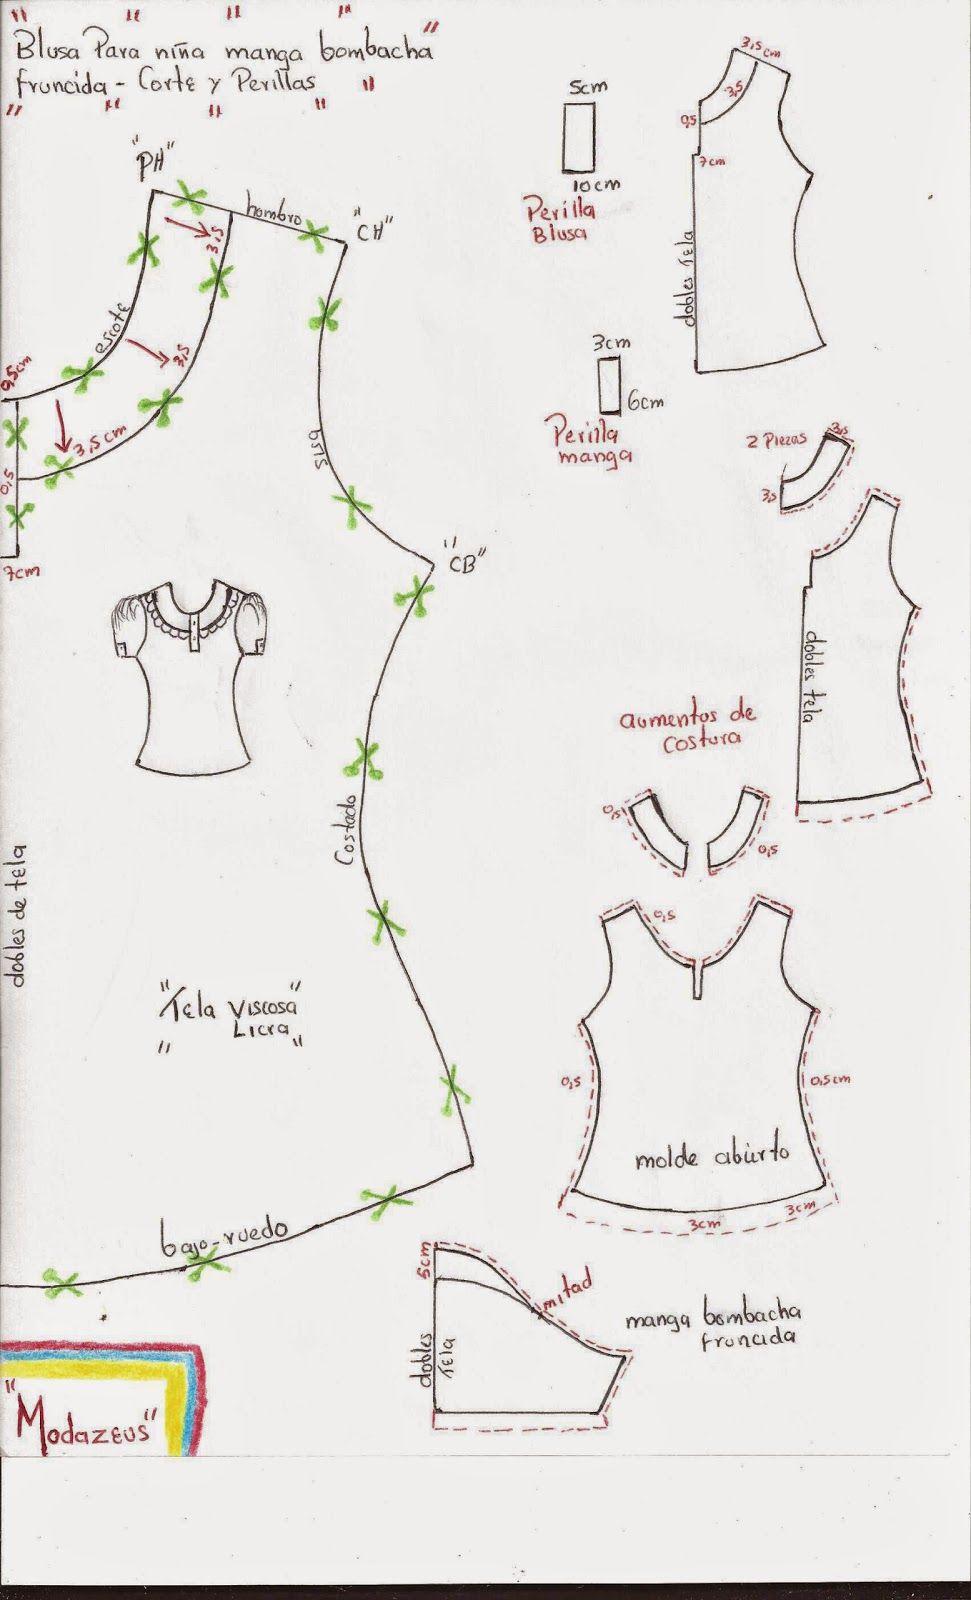 molderia de blusa para niñas con perilla y manga bombacha.! #moda ...